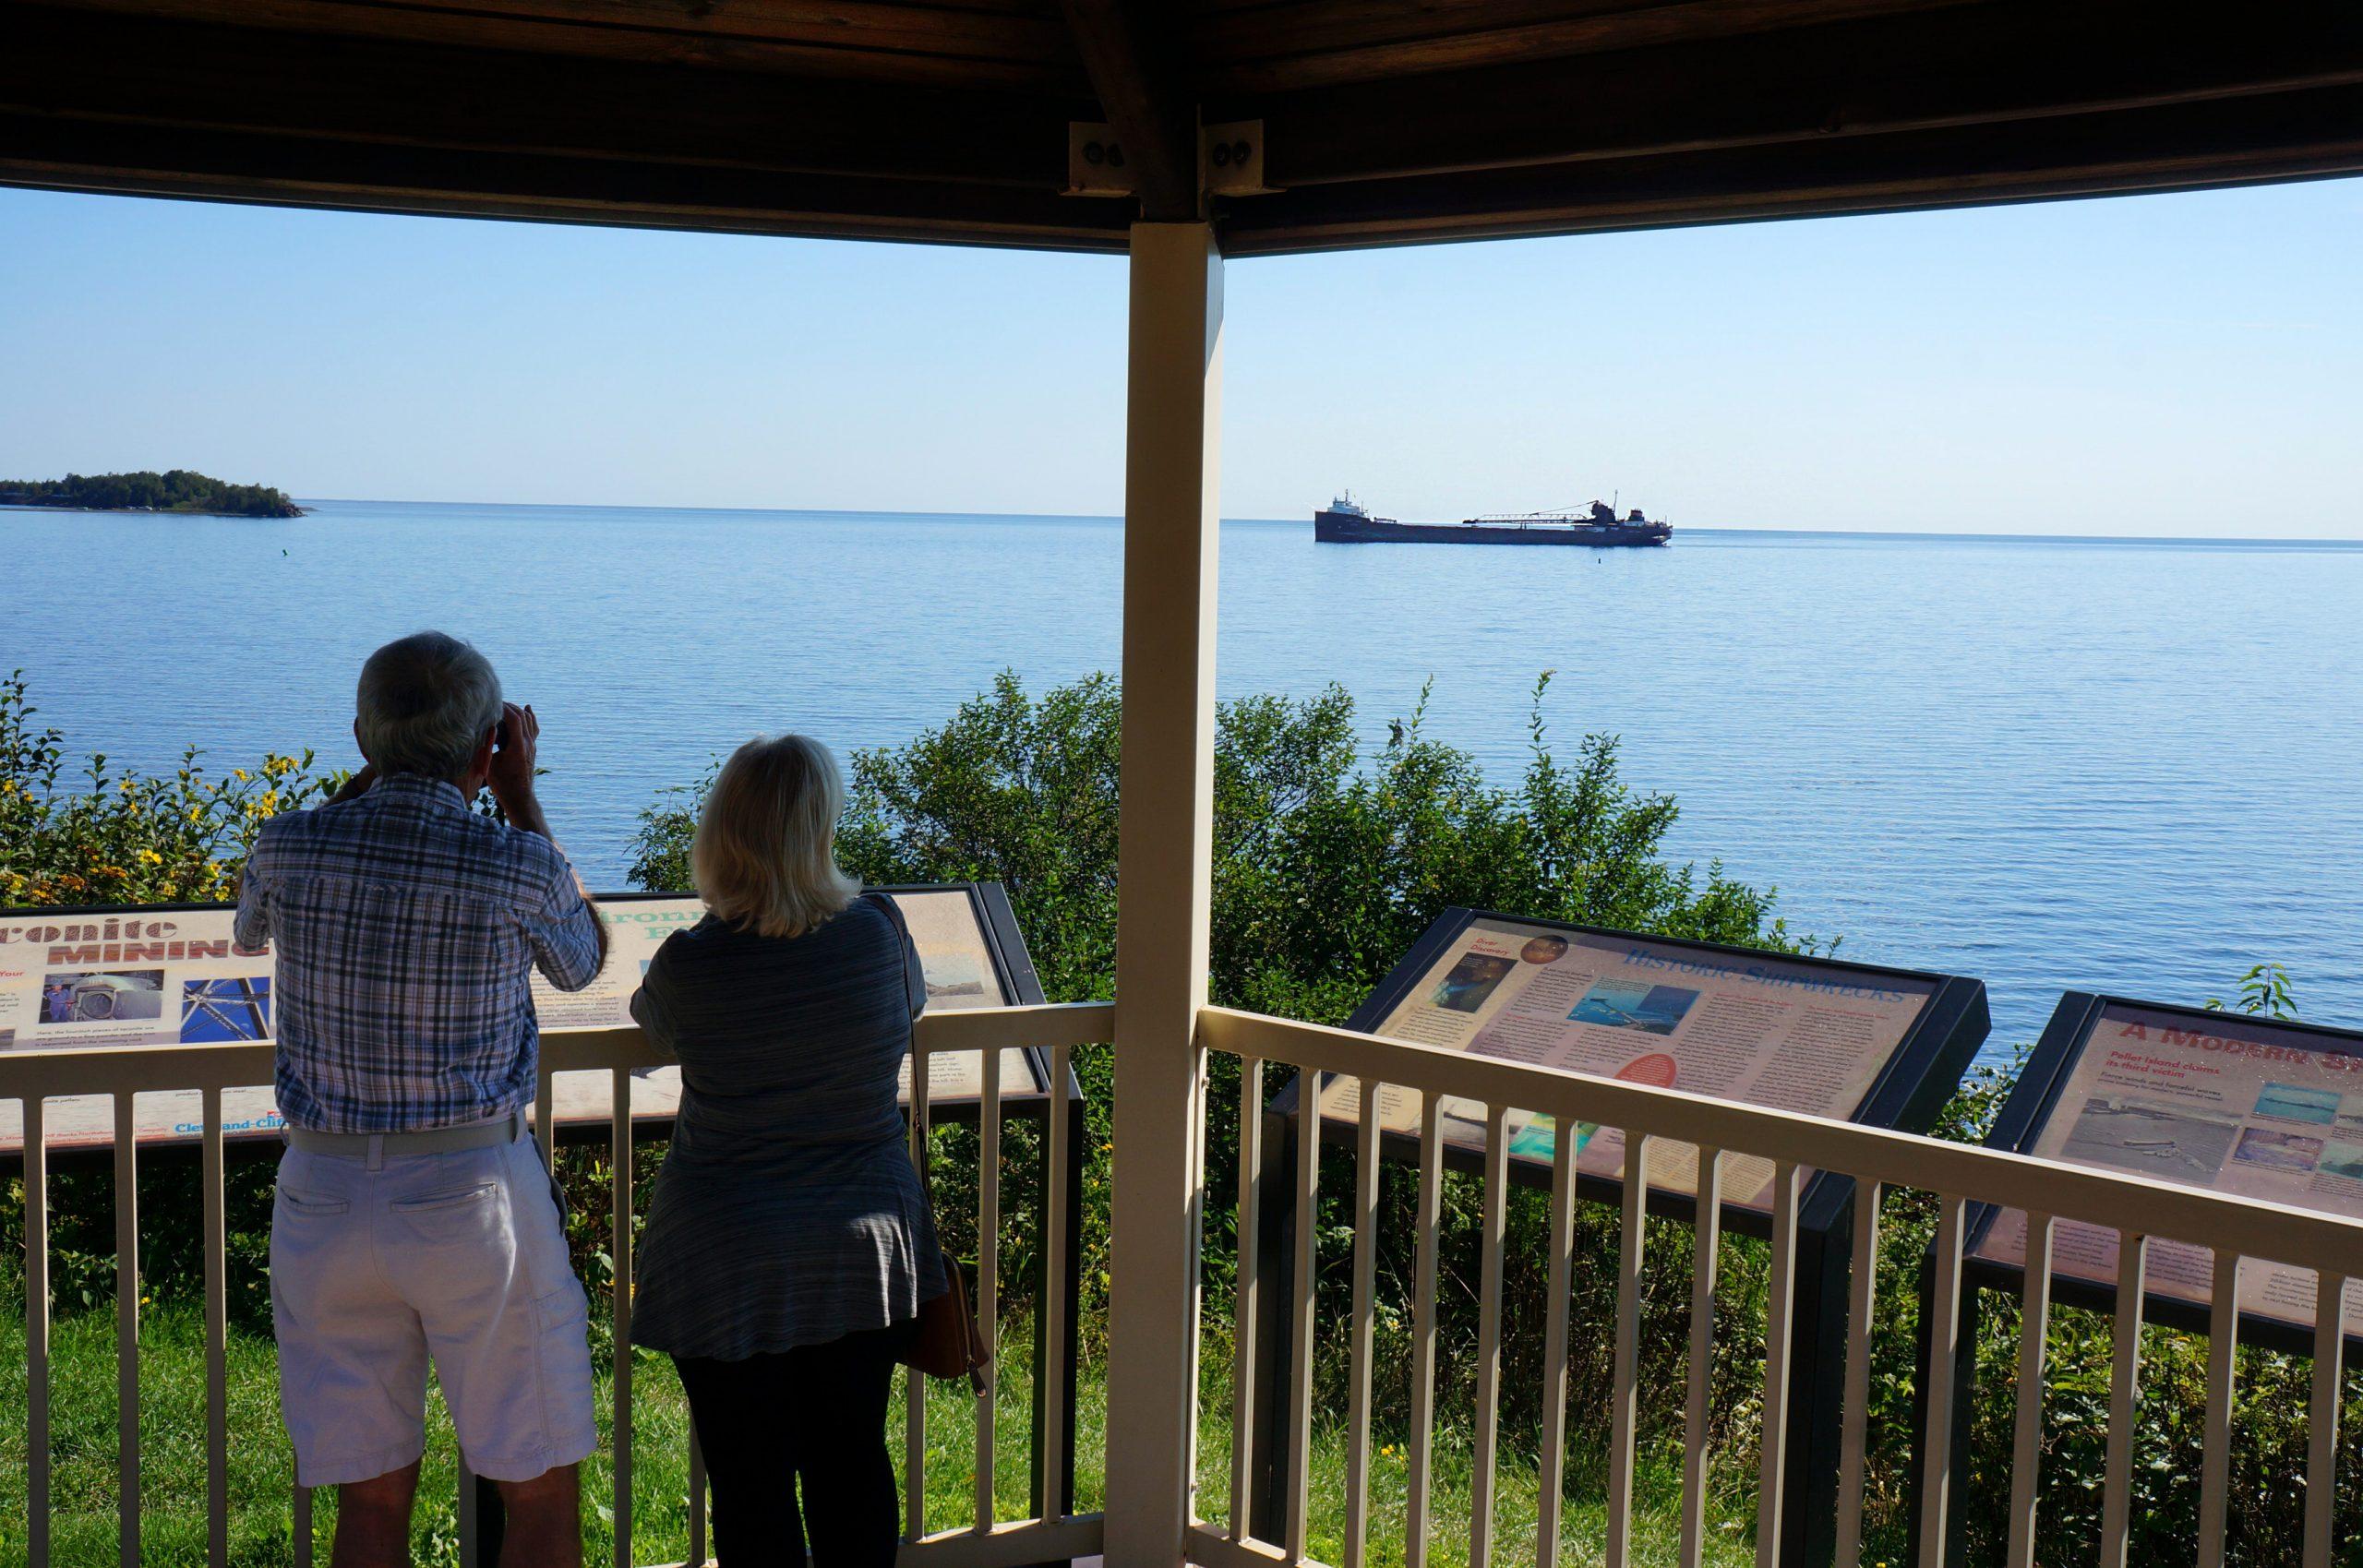 Ship watching at the Silver Bay Marina